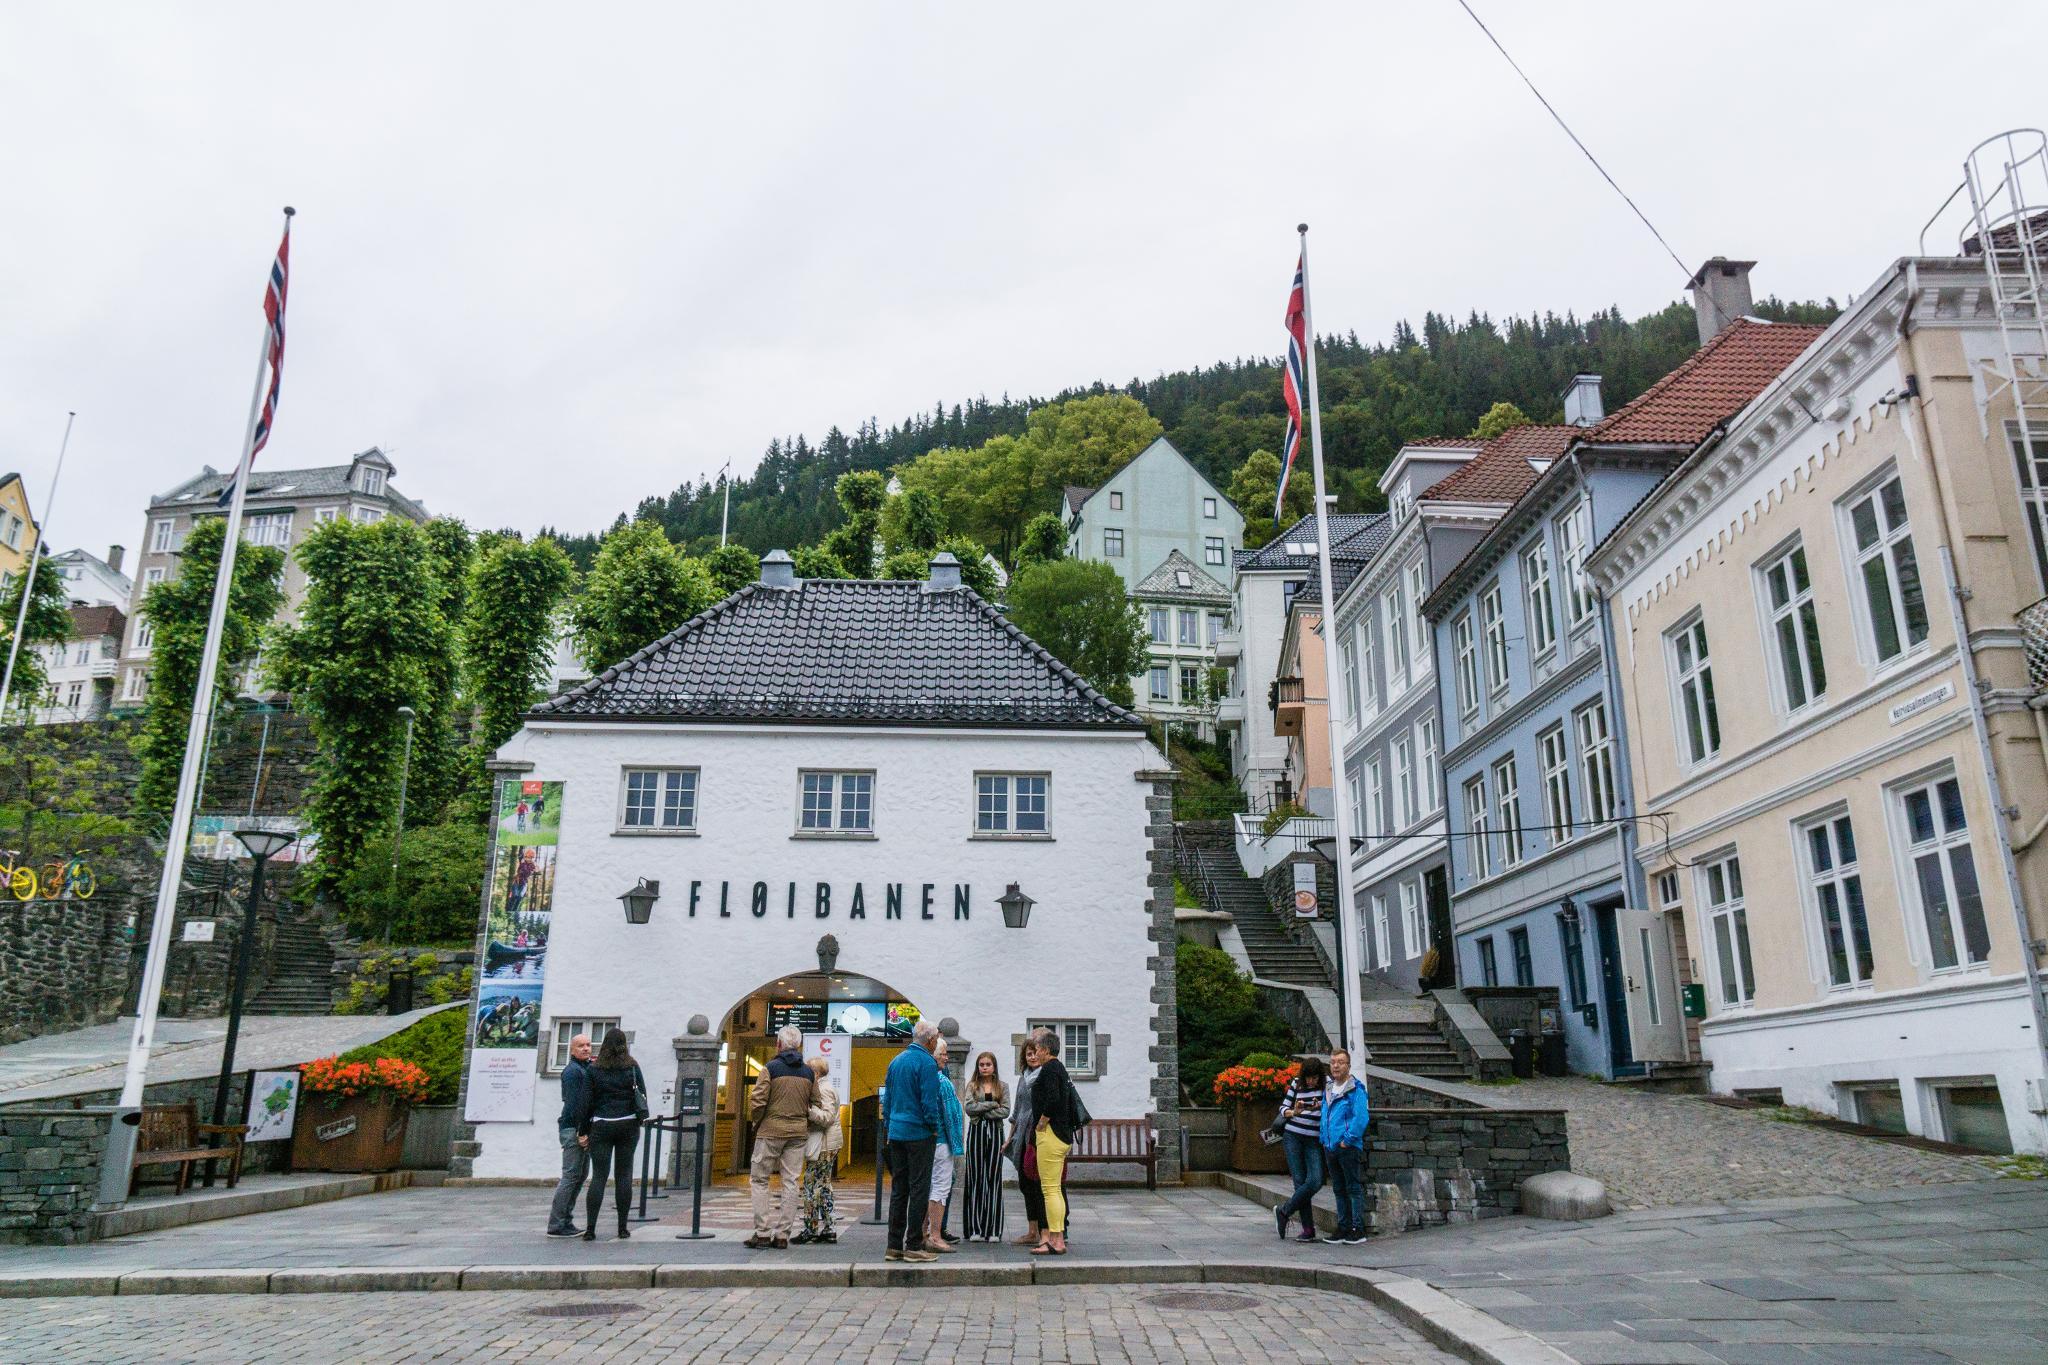 【卑爾根】Fløyen 佛洛伊恩山纜車與觀景台 — 擁抱文化港都的百萬美景 79